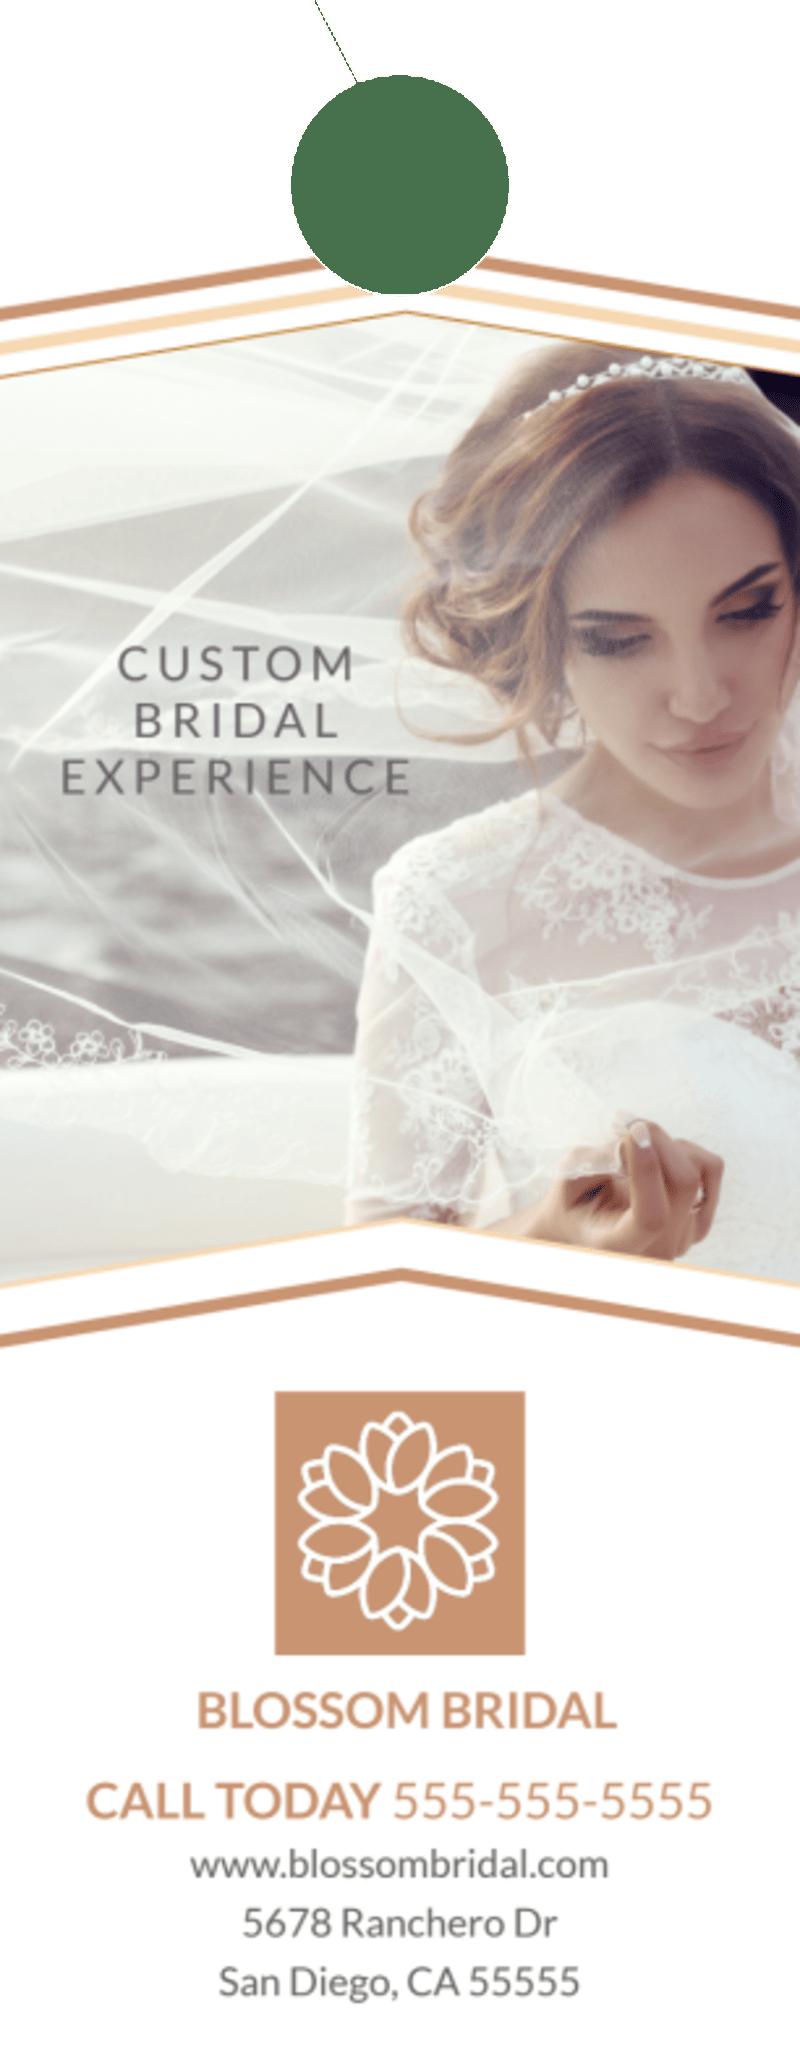 Wedding Bridal Experience Door Hanger Template Preview 2